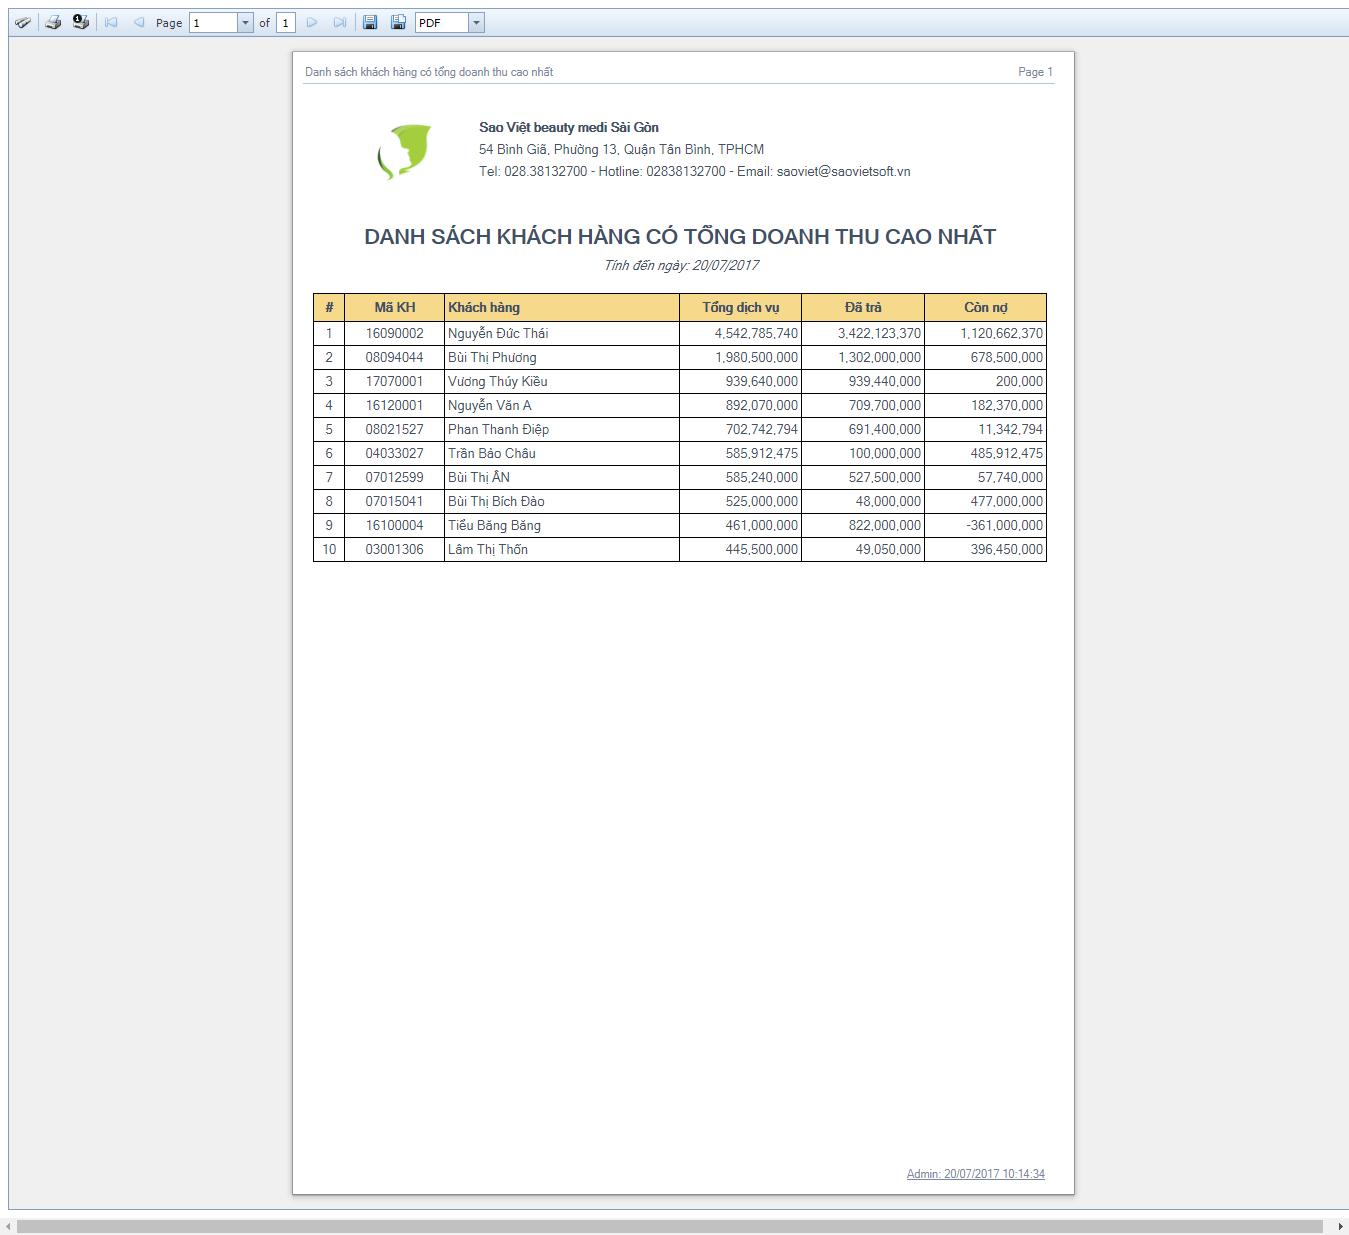 DSKH có tổng doanh thu cao nhất